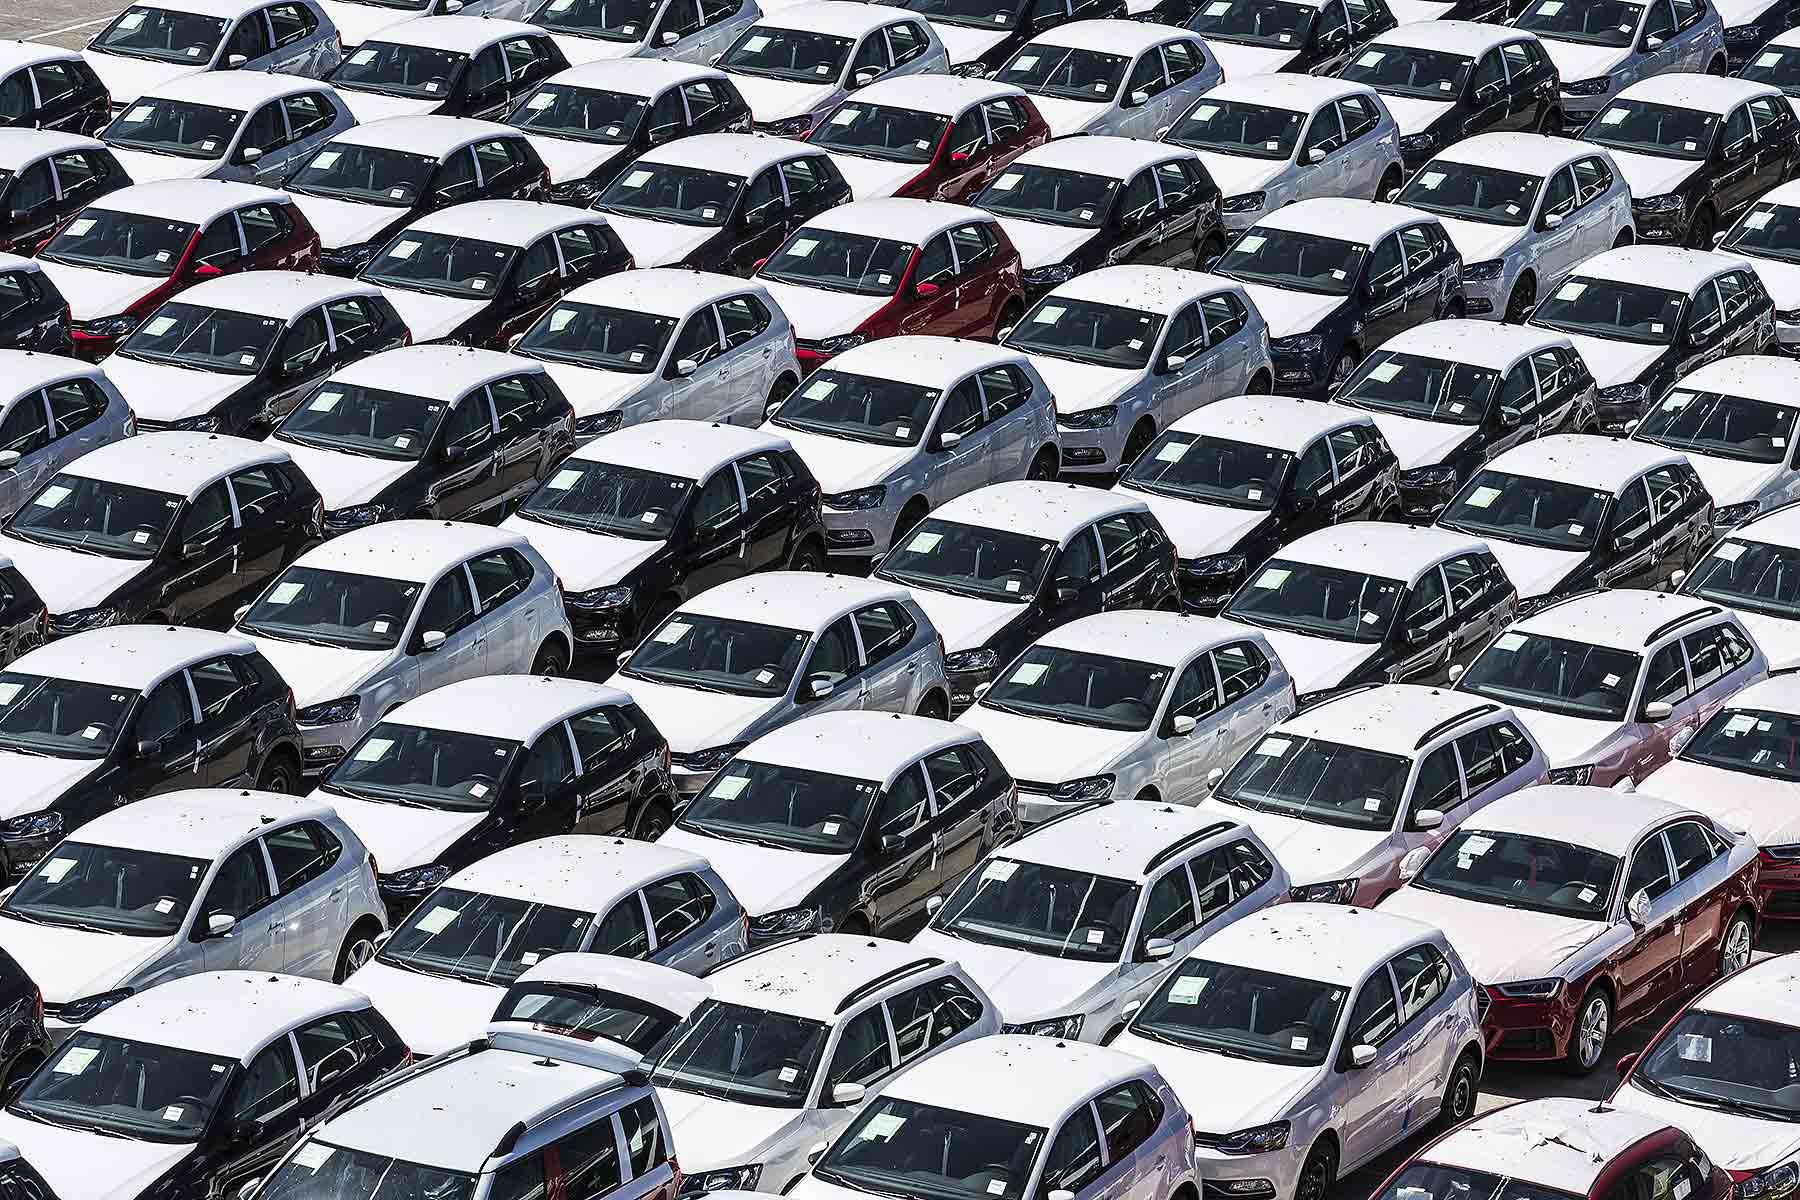 Tal como se esperava, a venda de carros novos caiu em setembro